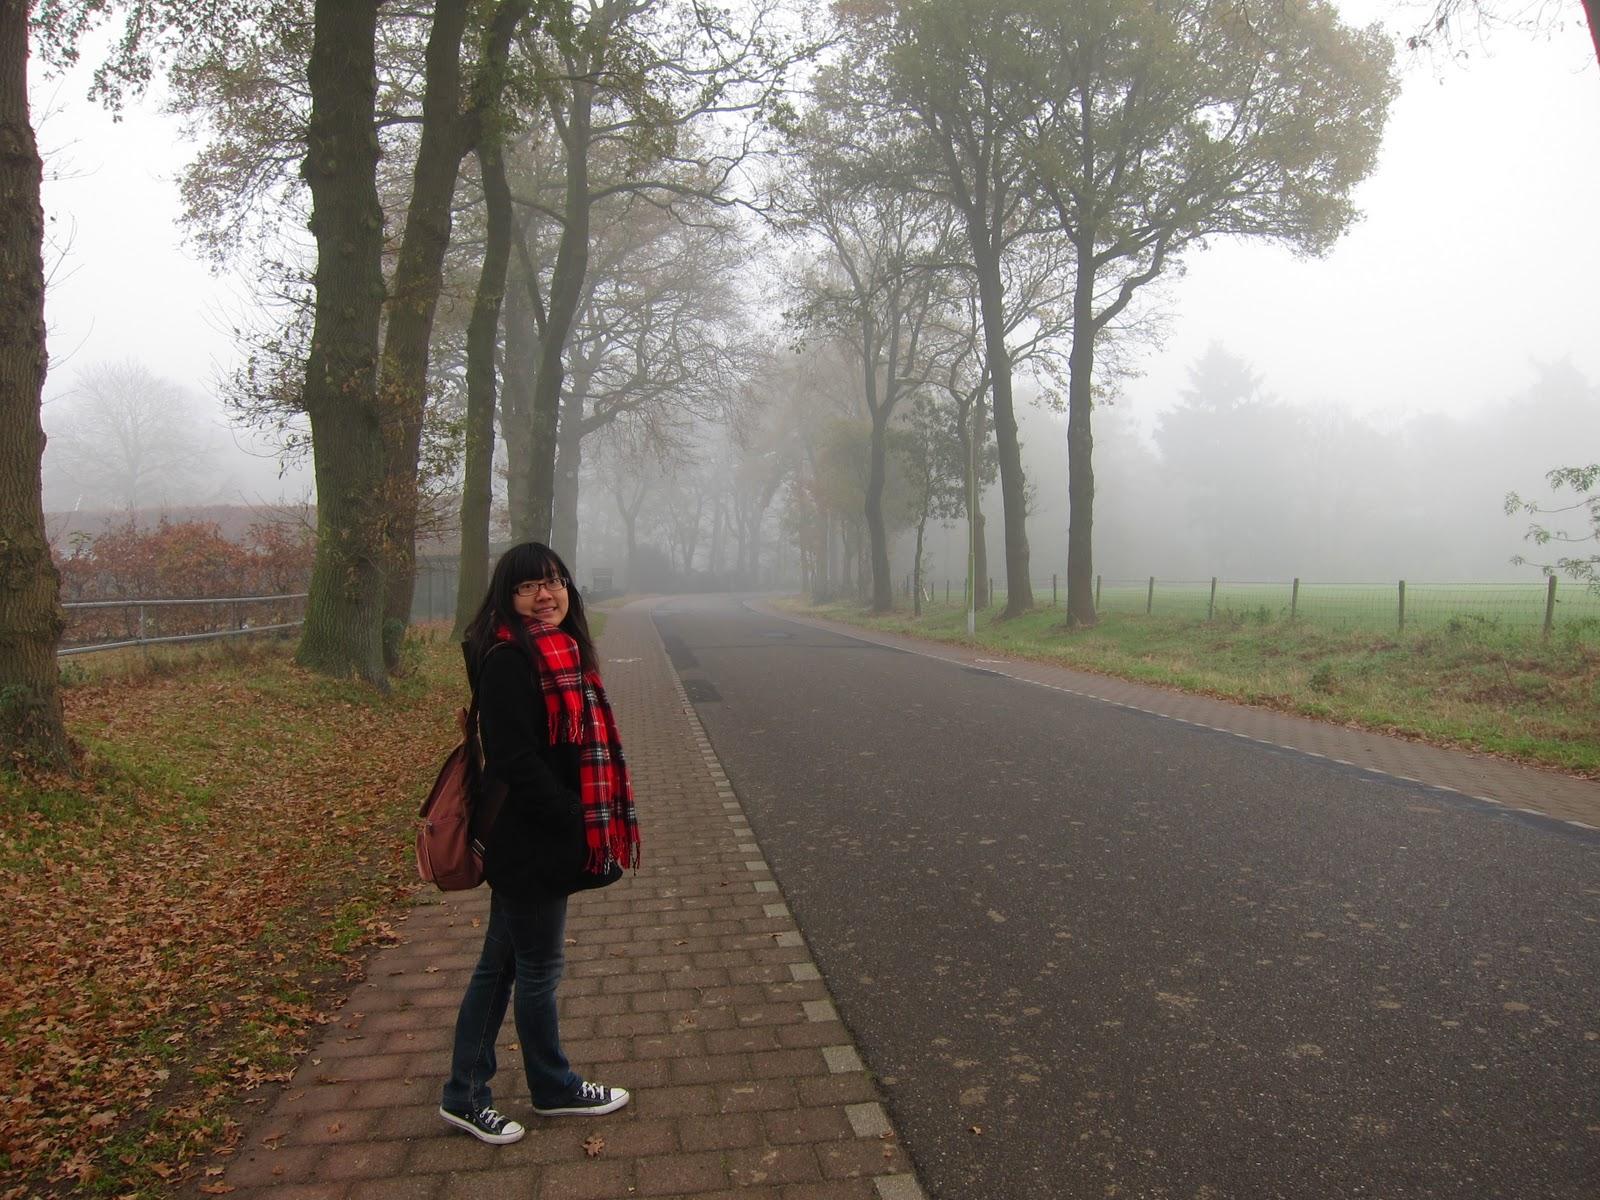 美好的旅行: 荷蘭的梵谷森林國家公園